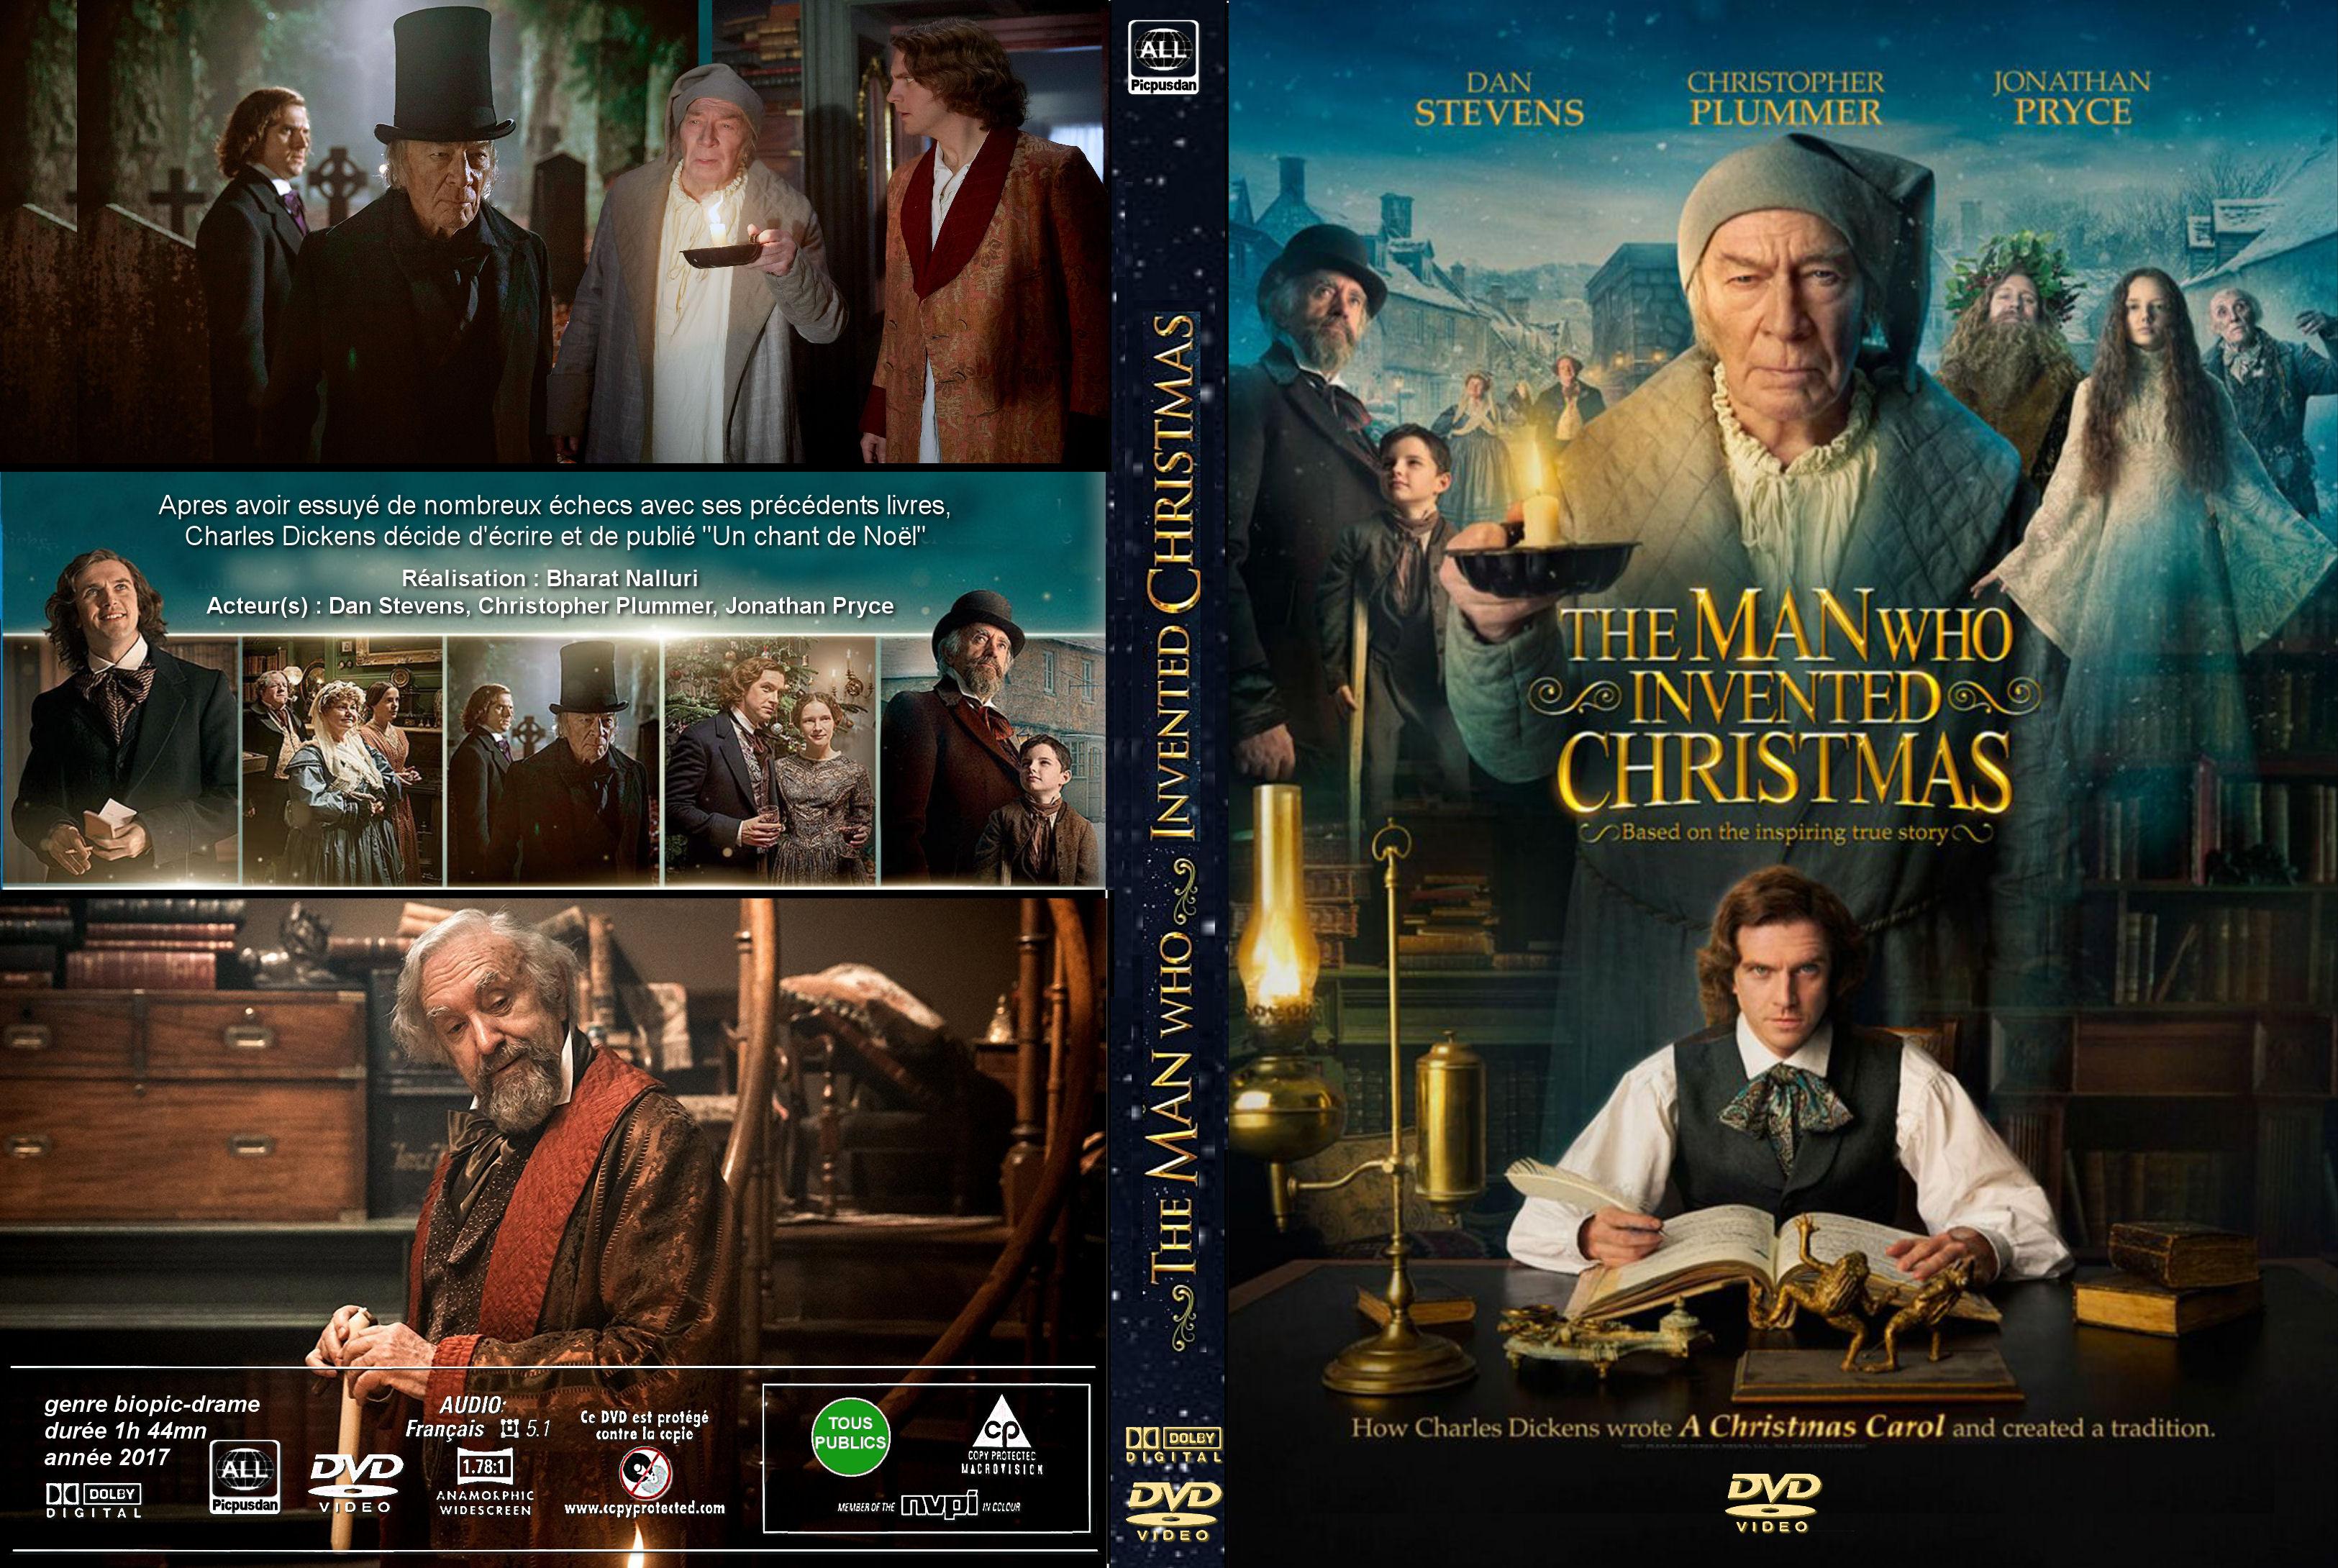 The Man Who Invented Christmas Dvd.Recherchez Votre Jaquette Dvd Ou Divx Sur Le Moteur De